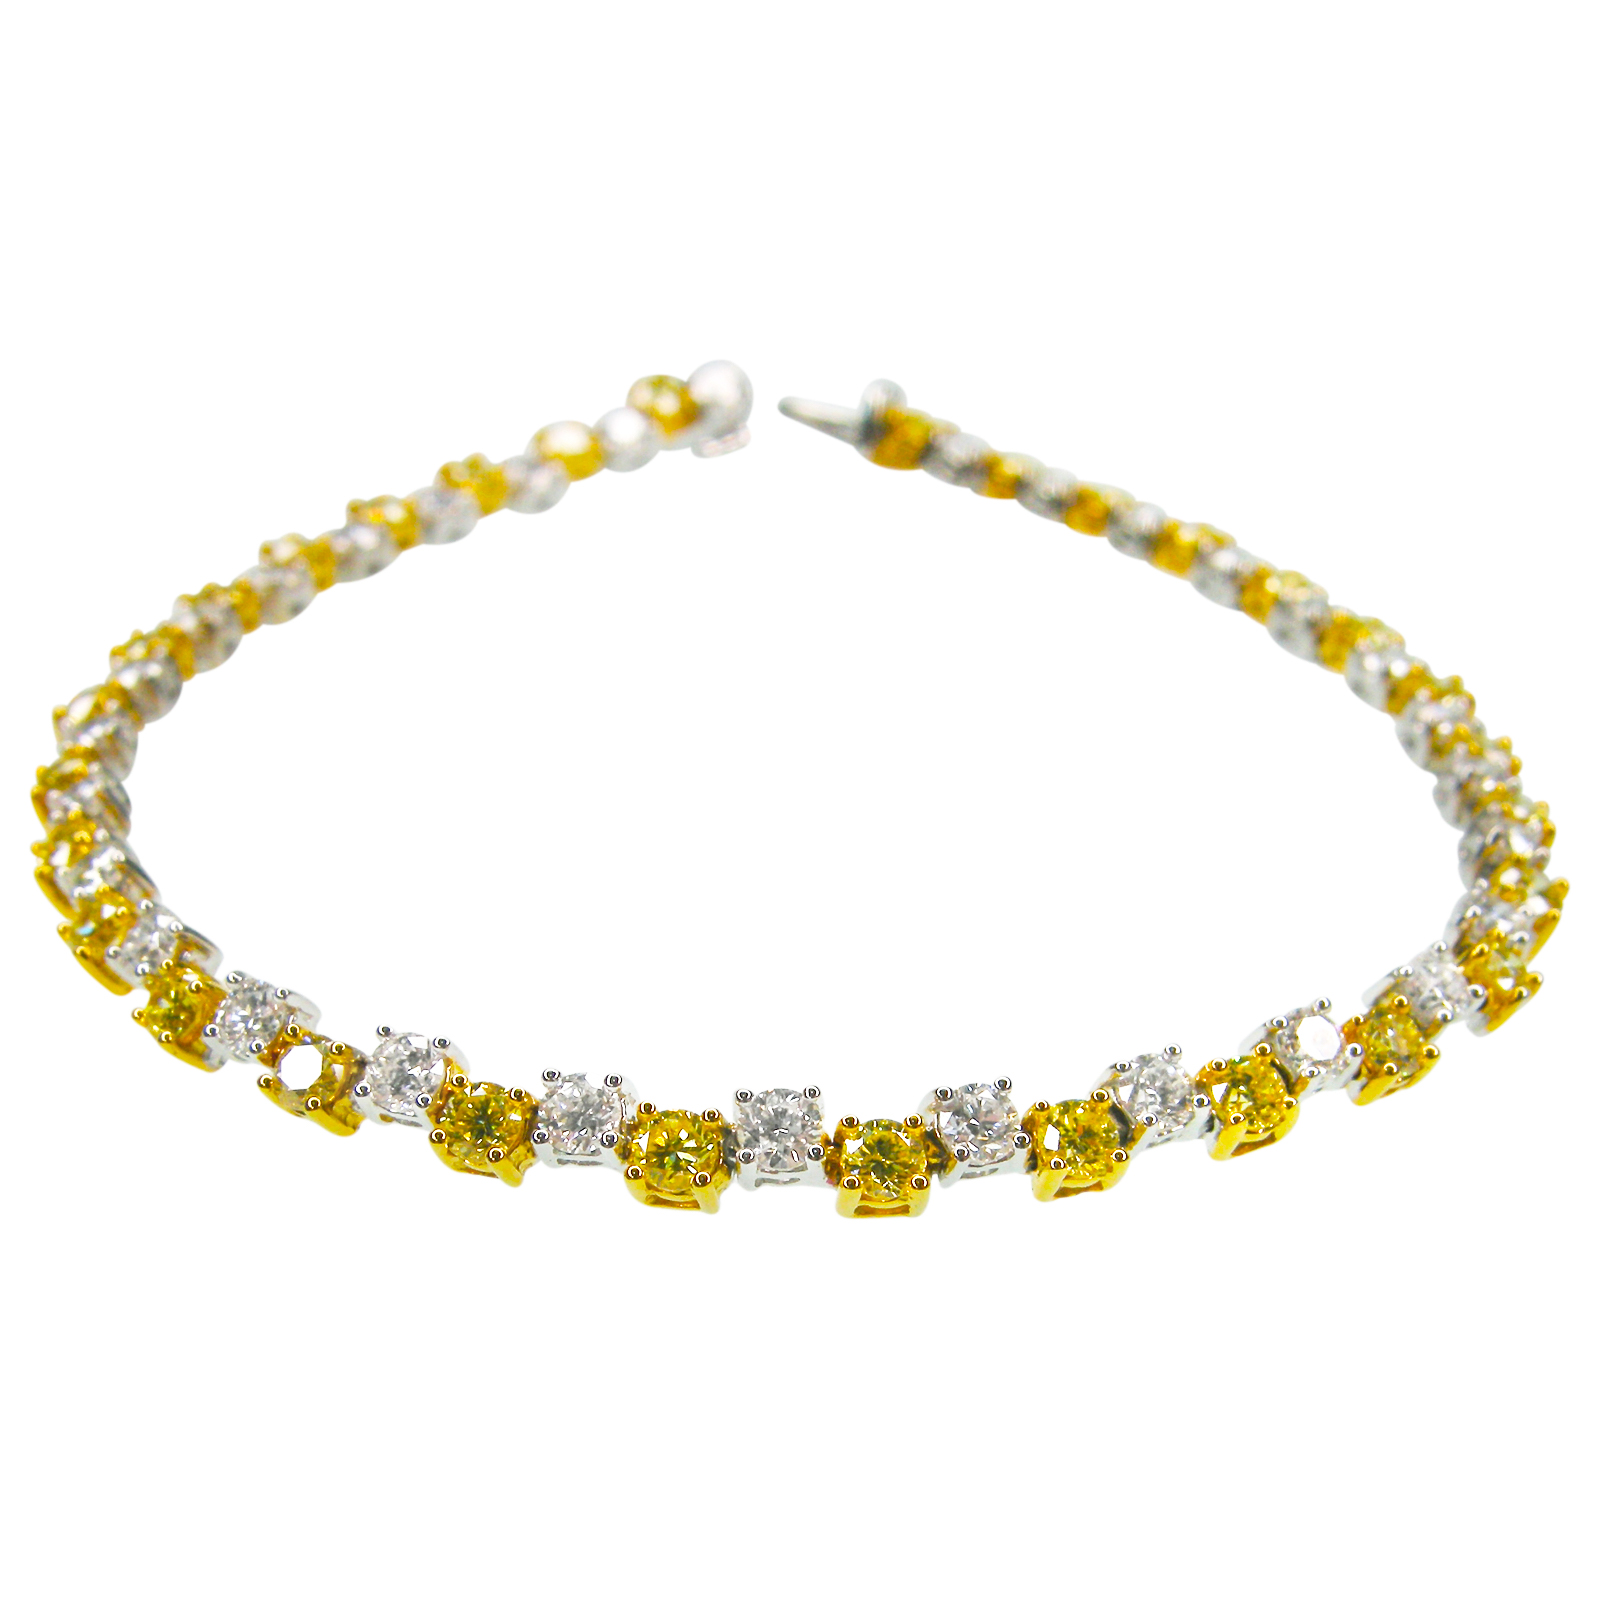 FANCY YELLOW DIAMOND AND DIAMOND DIAMOND TENNIS BRACELET